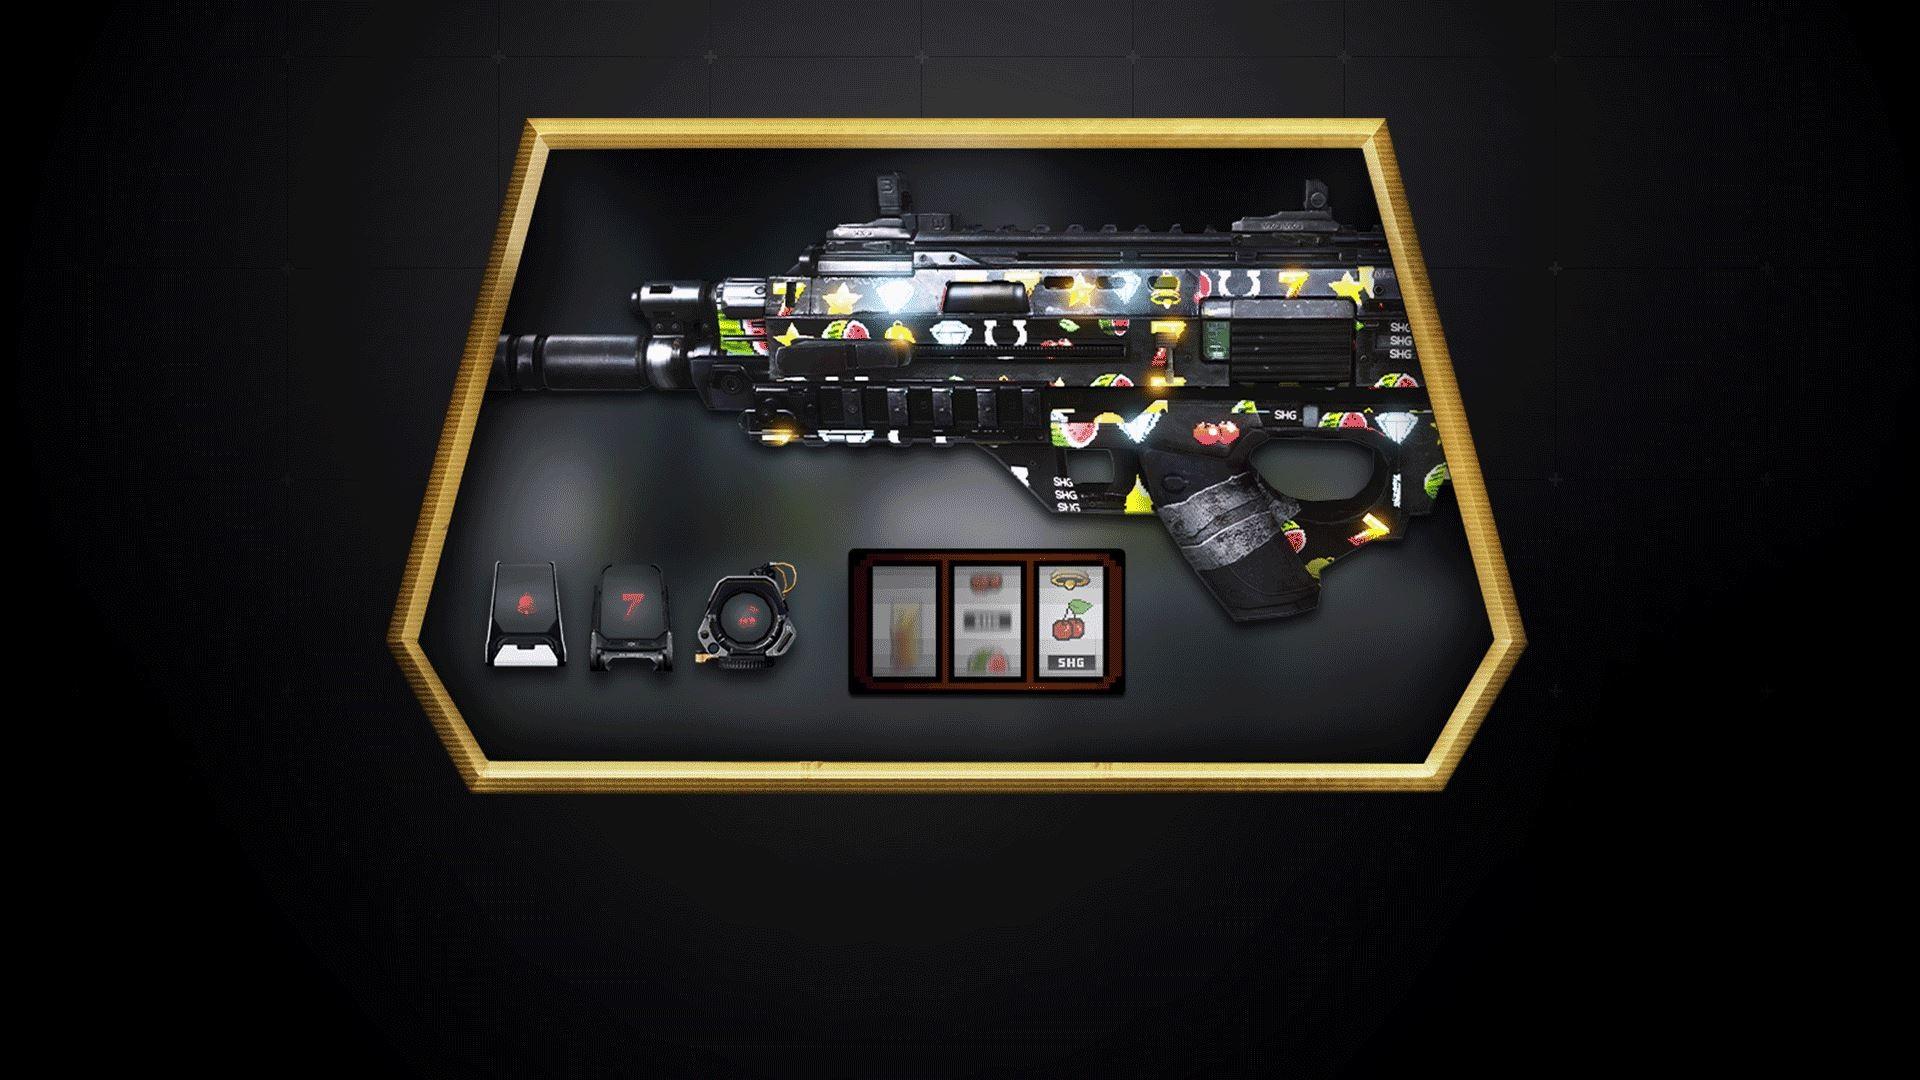 Le Premier De Ces 4 Camouflages Est Jackpot Inspire Des Machines A Sous Et Casinos Ce Camouflage Vous Permettra Montrer Que Allez